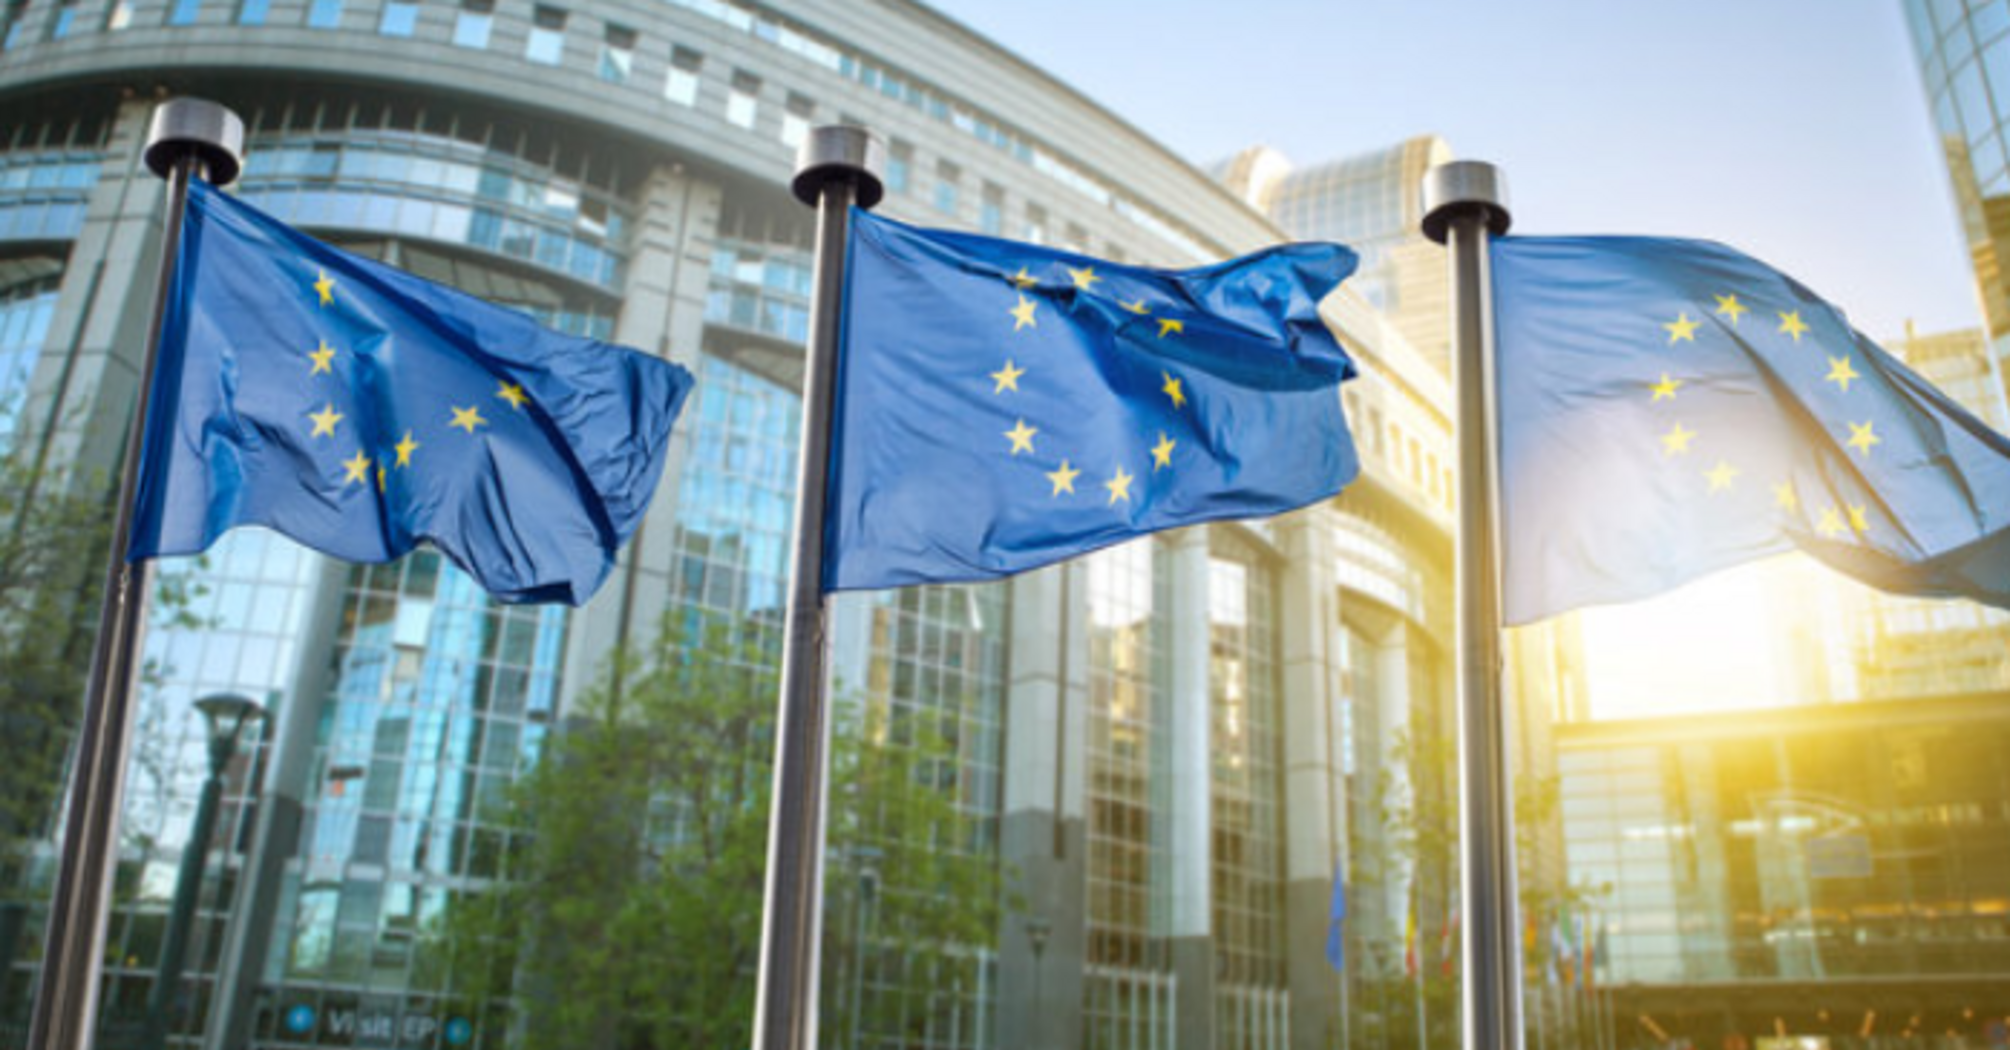 В ЕС одобрили помощь Украине на 500 млн евро – решение Еврокомиссии